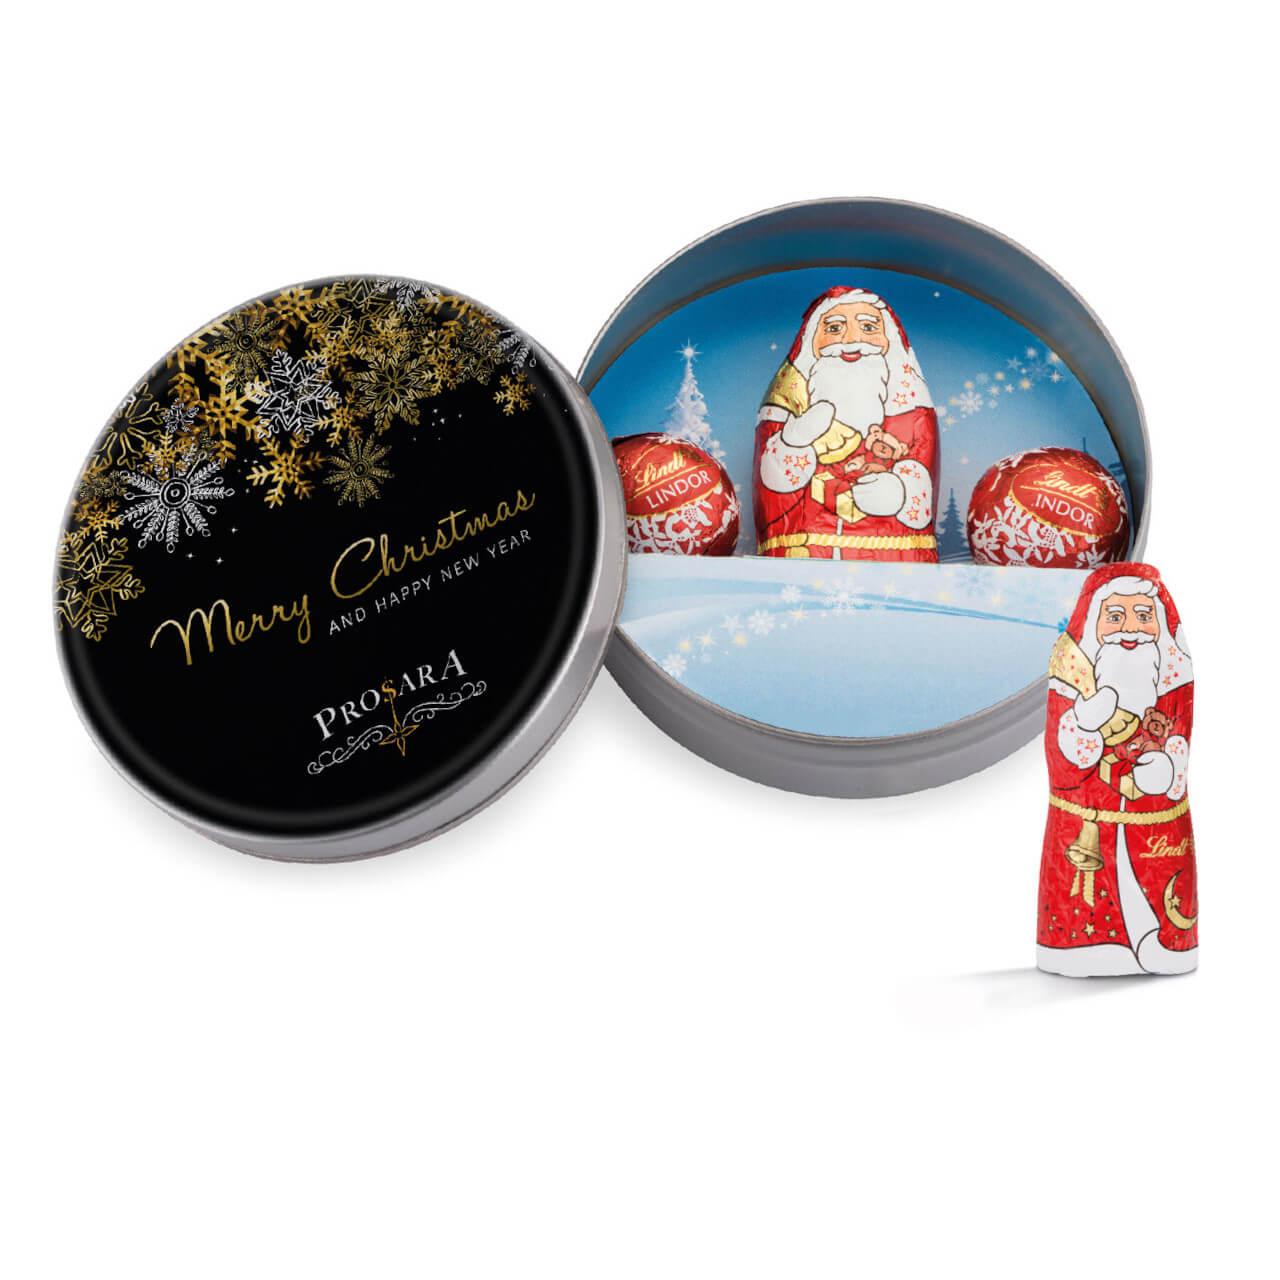 Christmas Tins.Printed Christmas Tins Filled